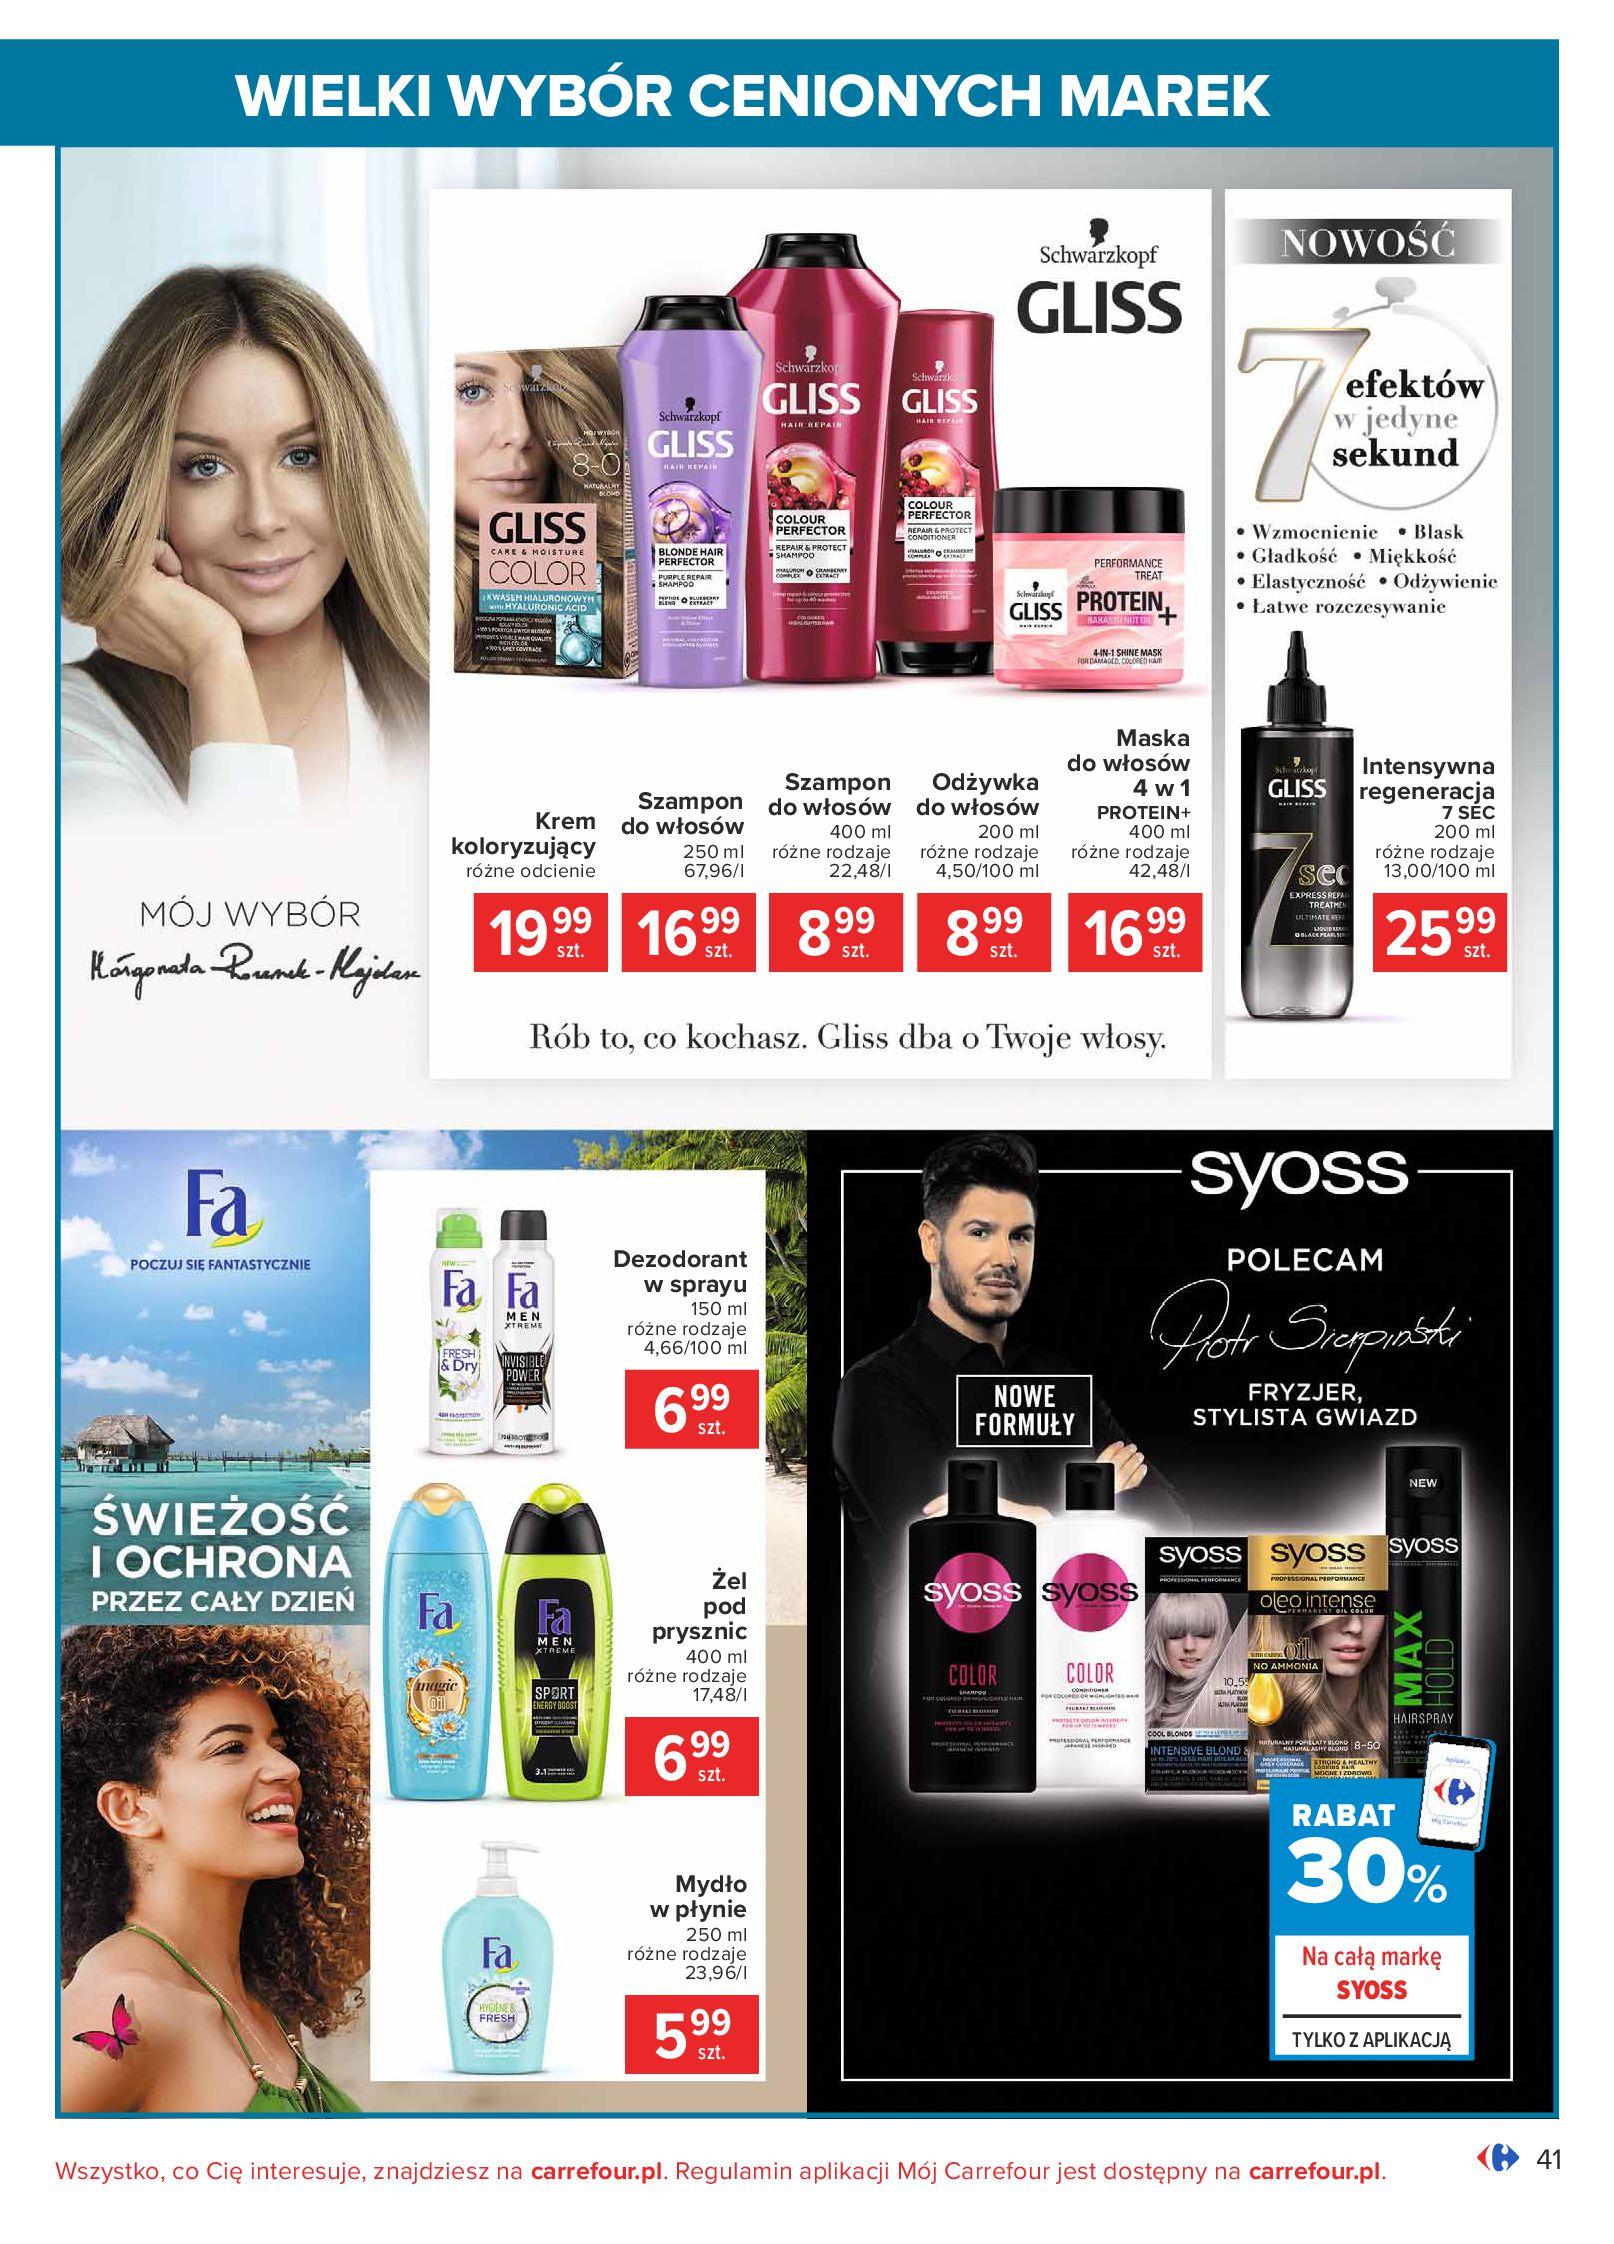 Gazetka Carrefour: Wielki wybór cenionych marek 2021-05-04 page-41